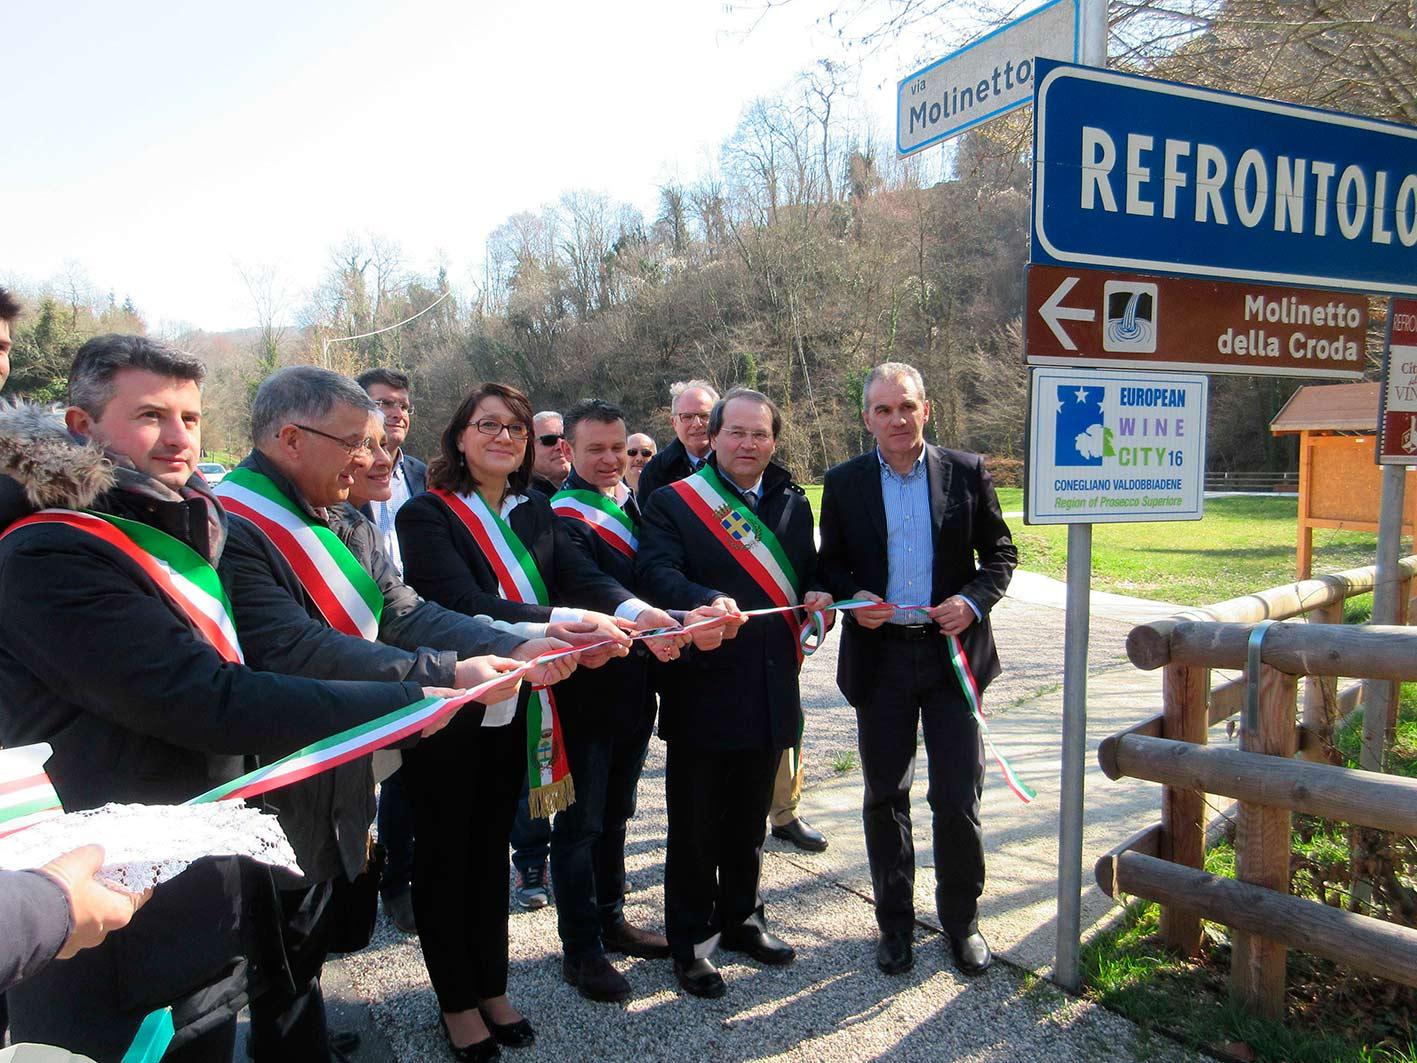 Spuntano i cartelli della Città Europea del Vino